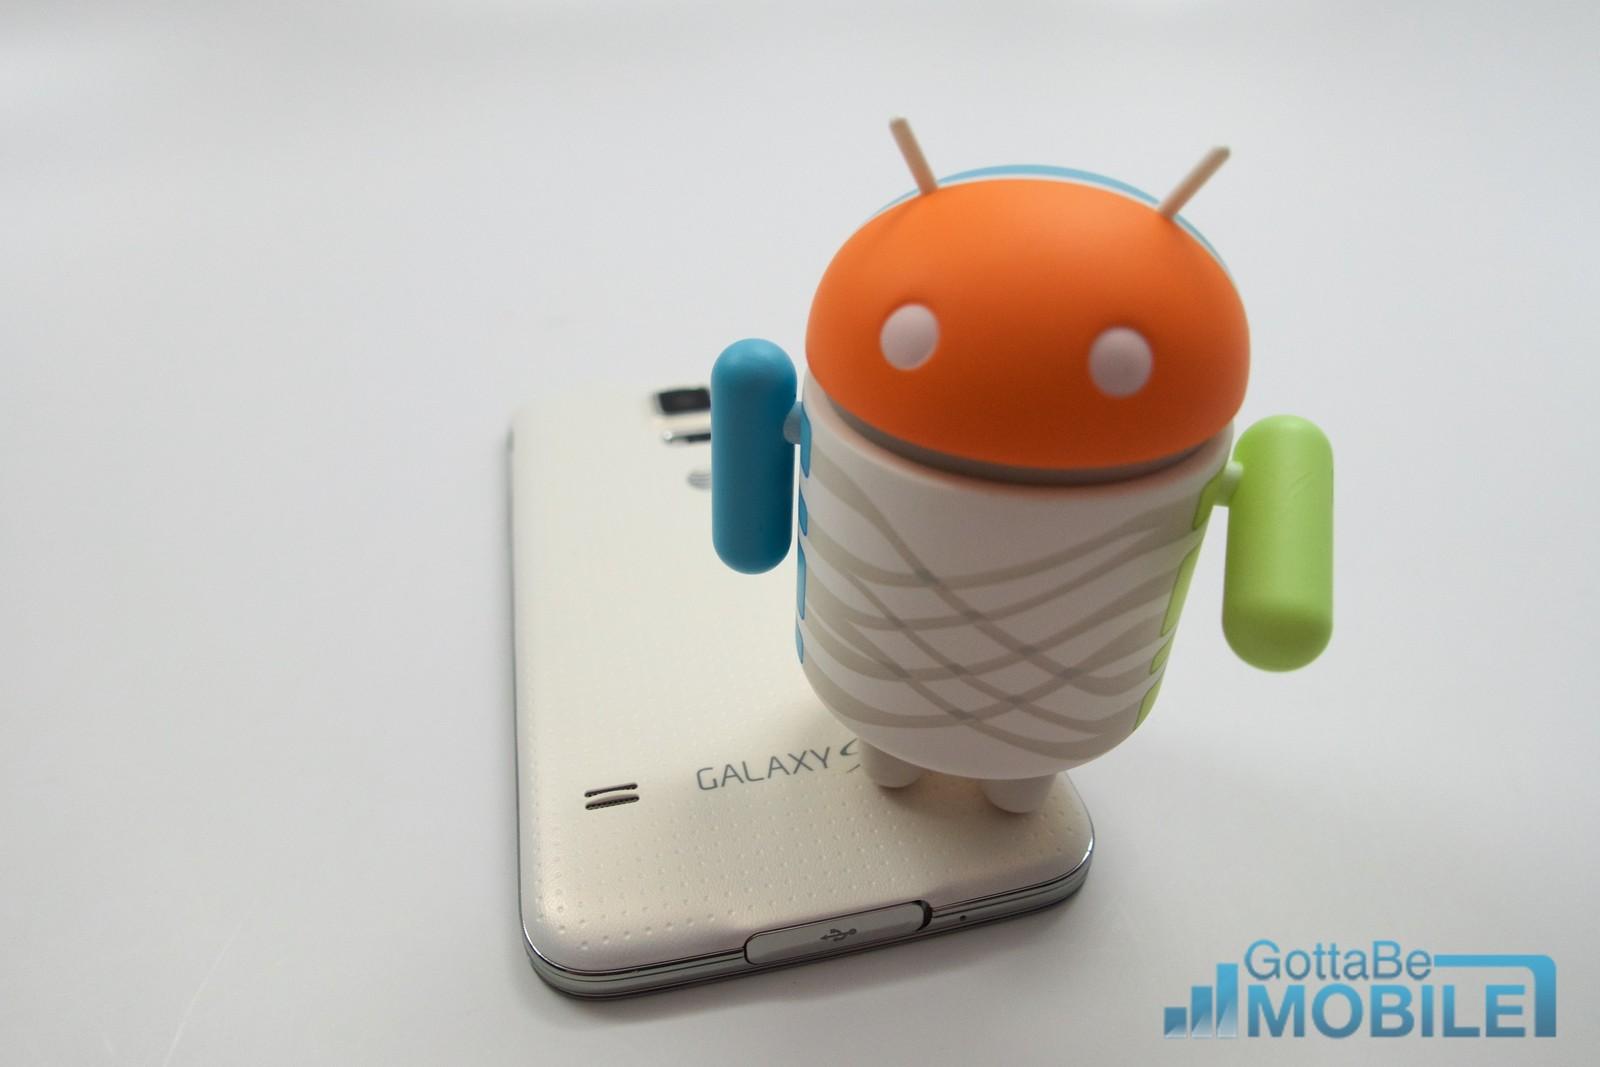 Samsung Galaxy S6 Släpp rykten Nyheter - 7-X3